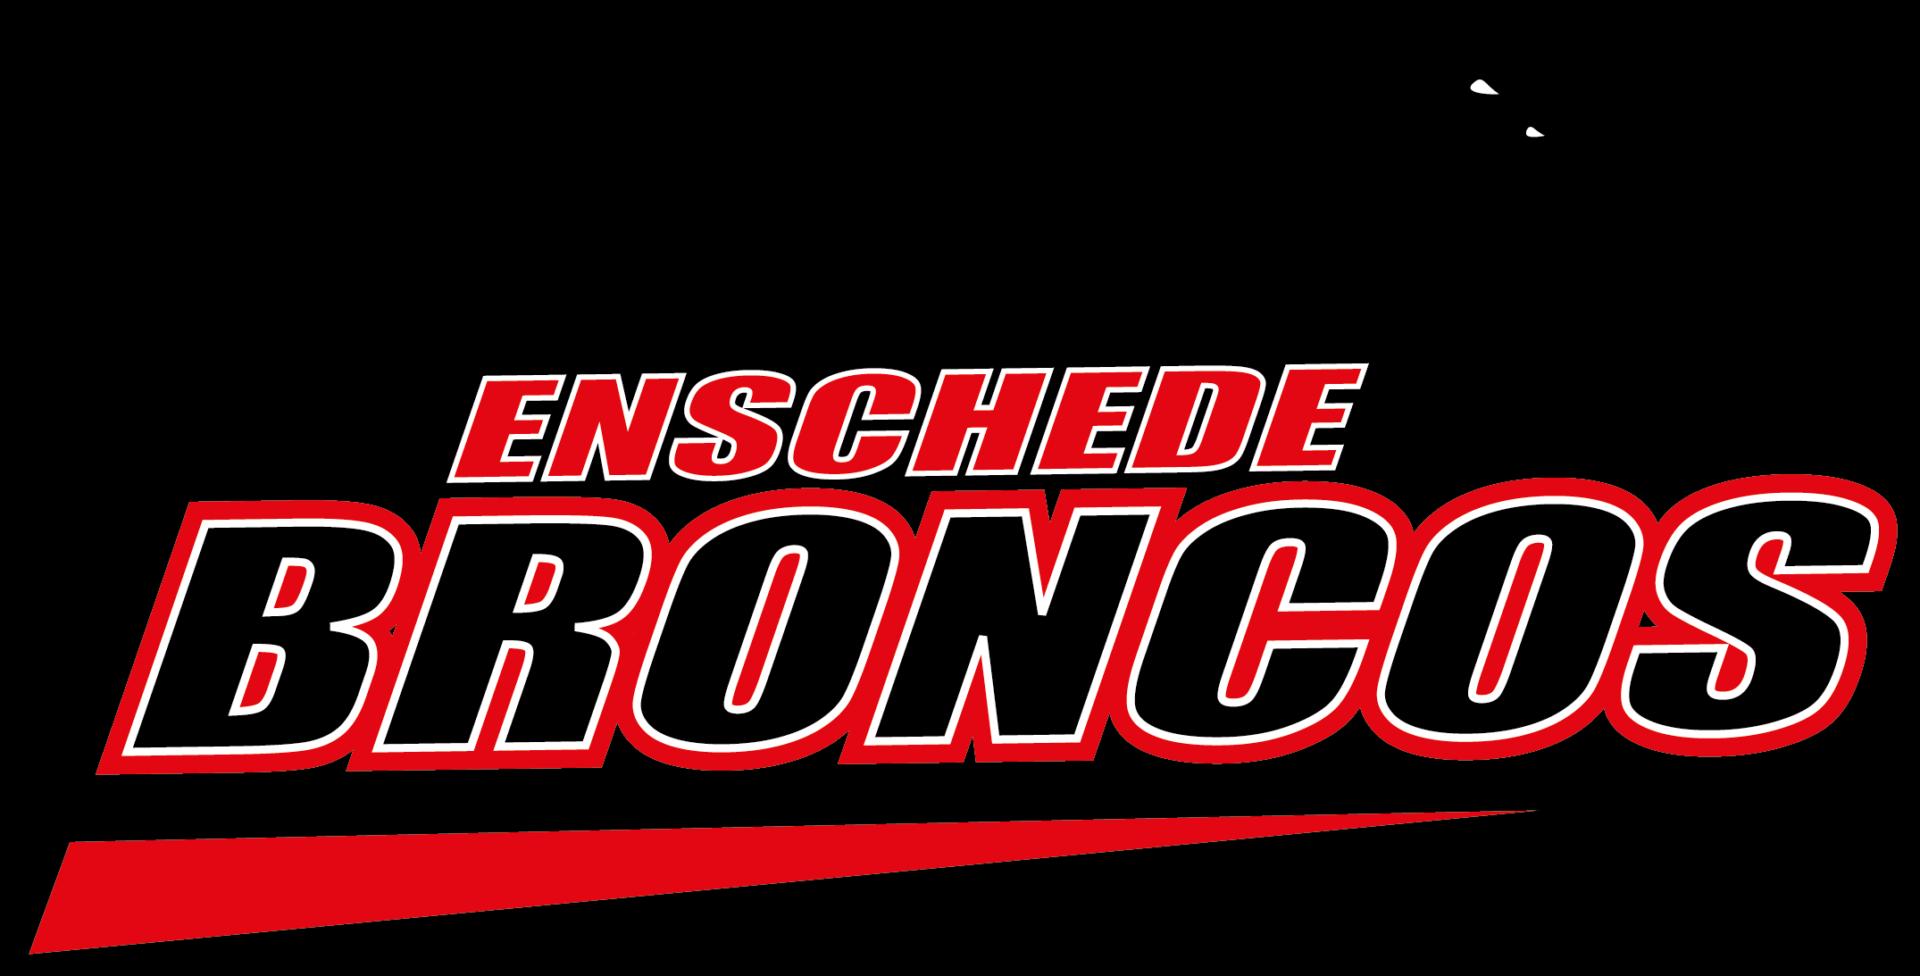 Enschede broncos logo